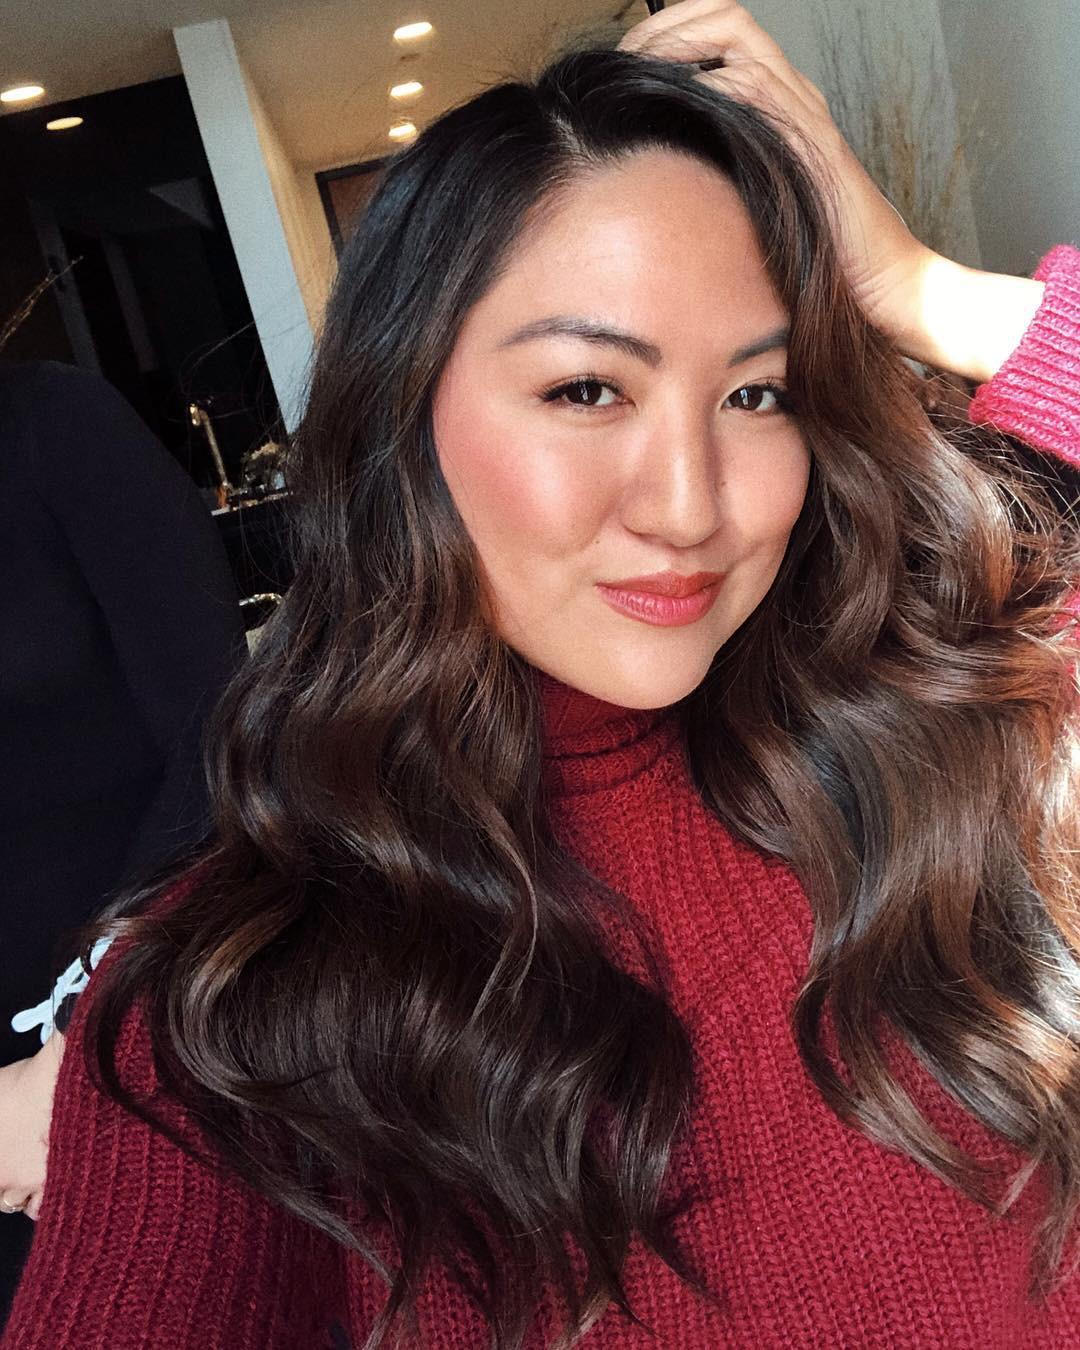 Bỏ tô trát đậm để makeup nhẹ theo Công nương Meghan, nàng beauty editor này đã nhận được hàng loạt điều tuyệt vời - Ảnh 4.